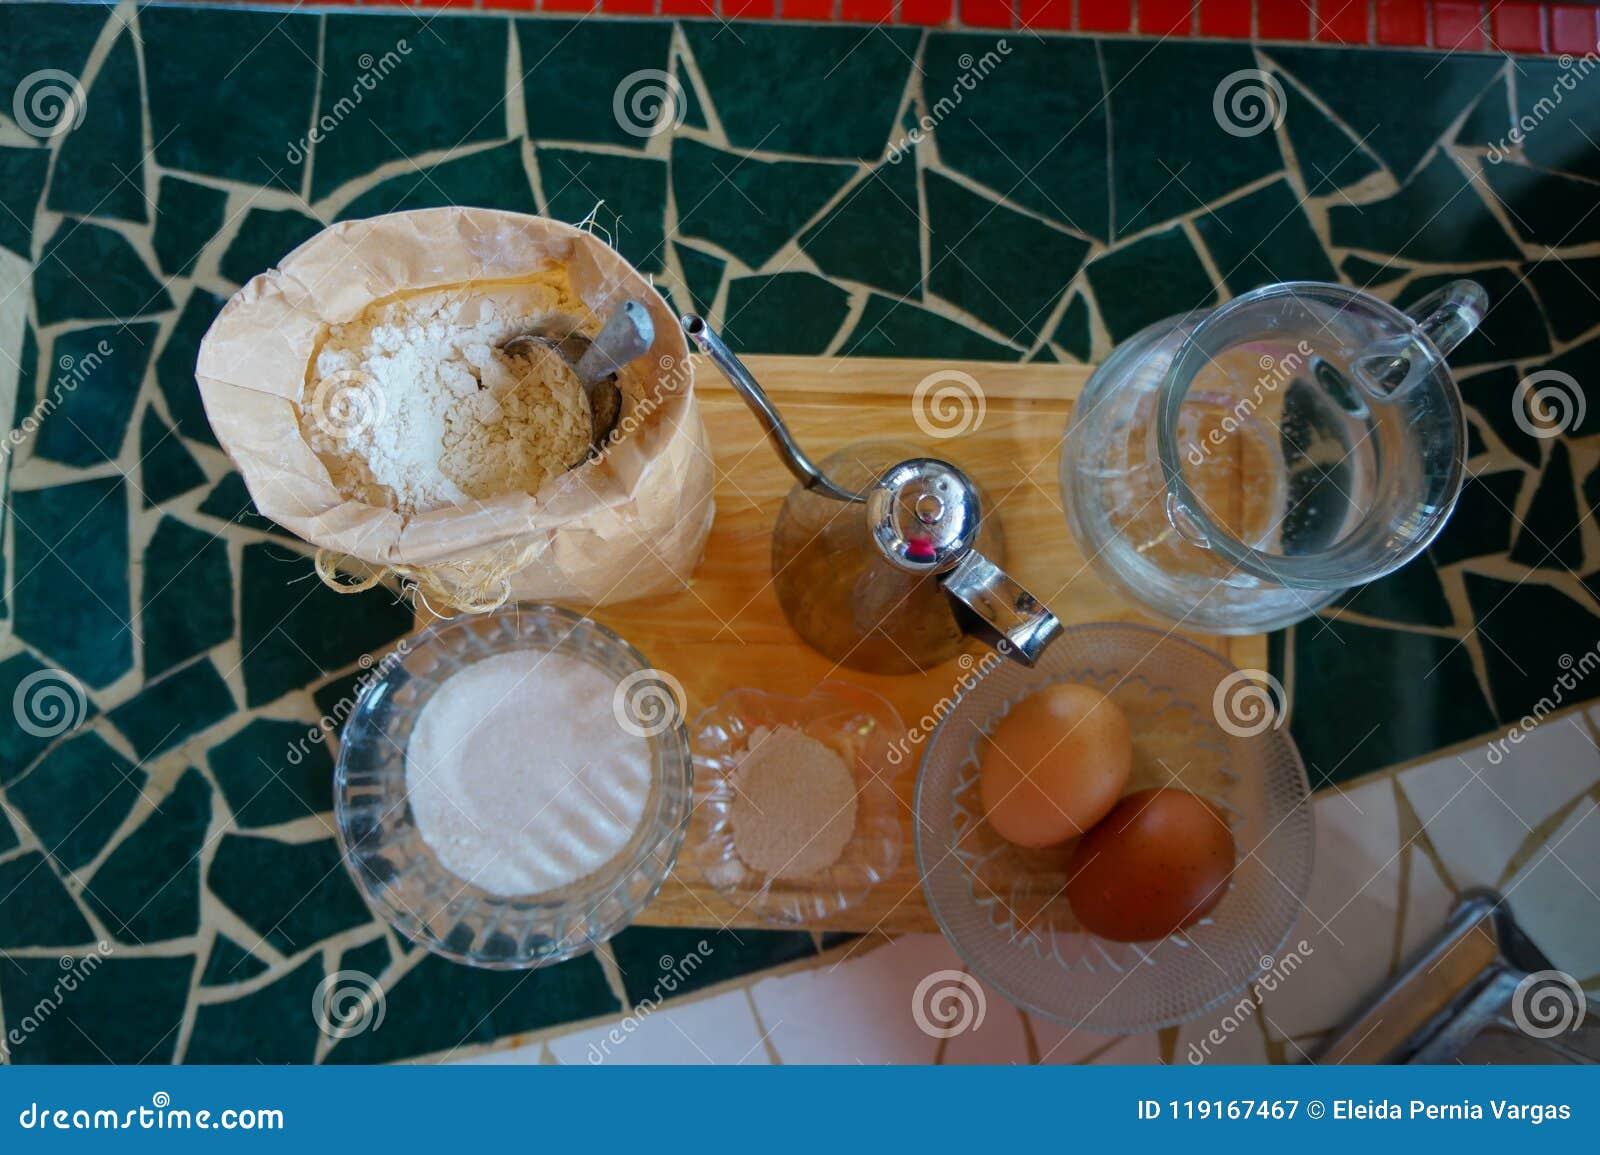 Bread ingredients on wooden board